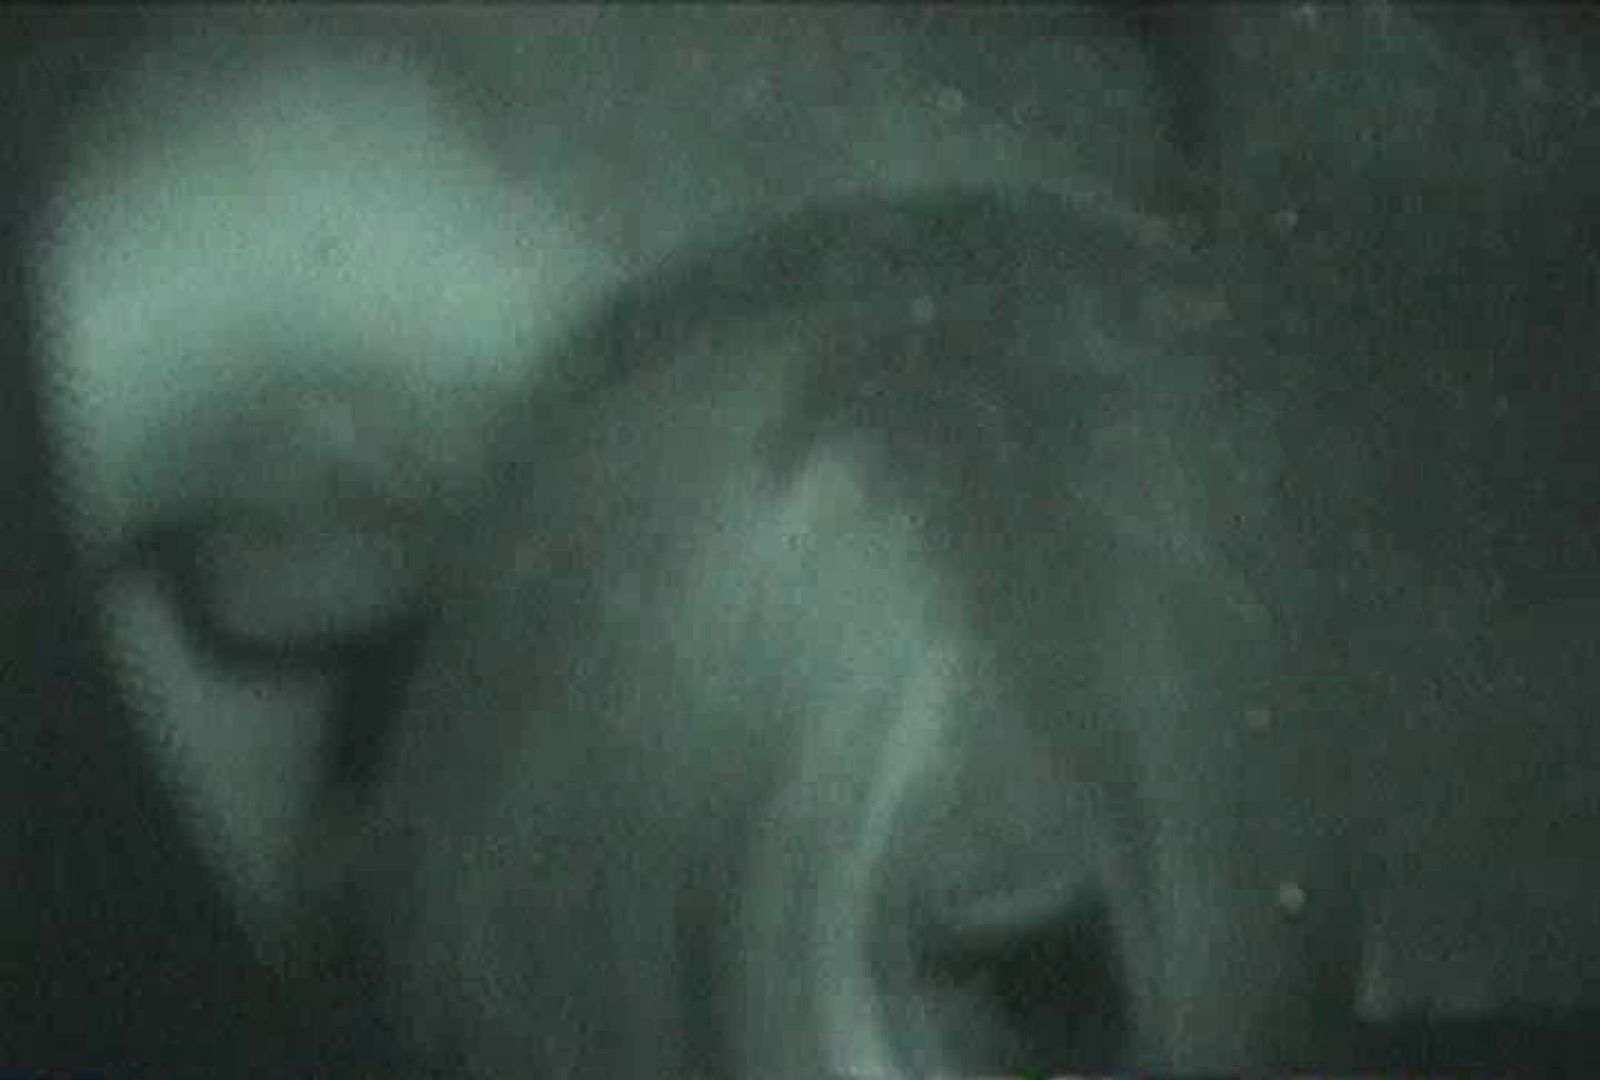 充血監督の深夜の運動会Vol.87 マンコ無修正 | OLセックス  93画像 15